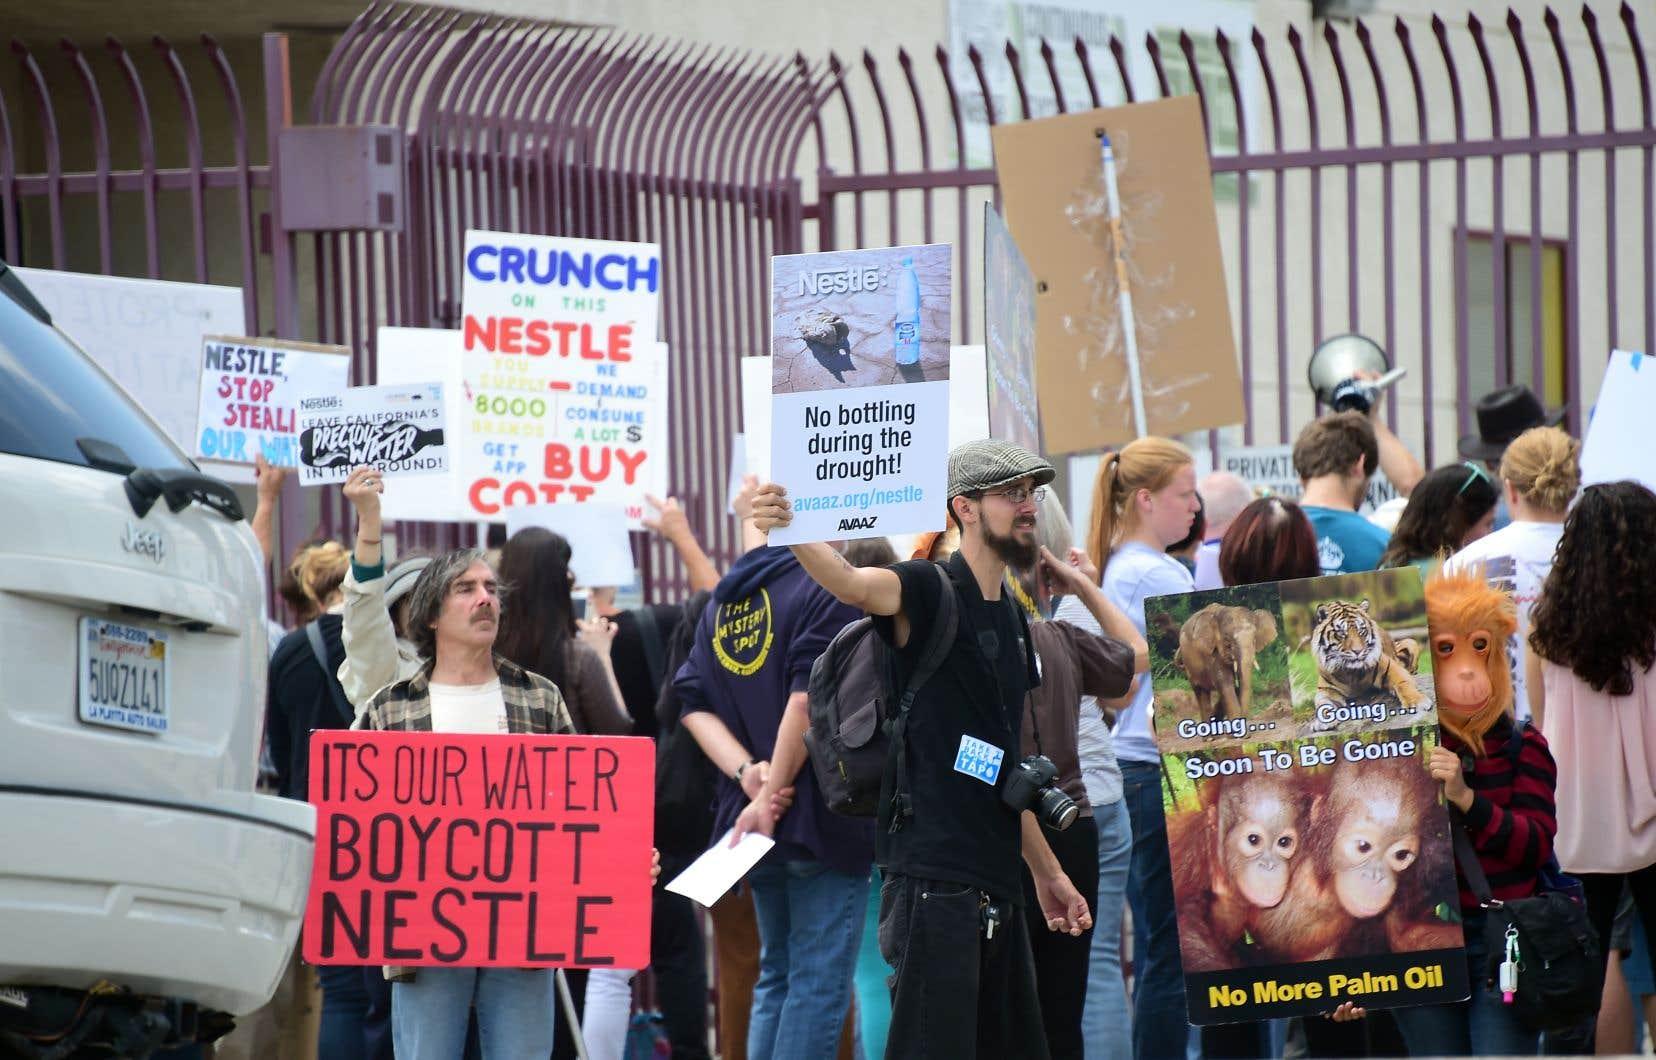 La propension de Nestlé à s'approprier les ressources naturelles à vil prix constitue l'une des charpentes de l'essai.